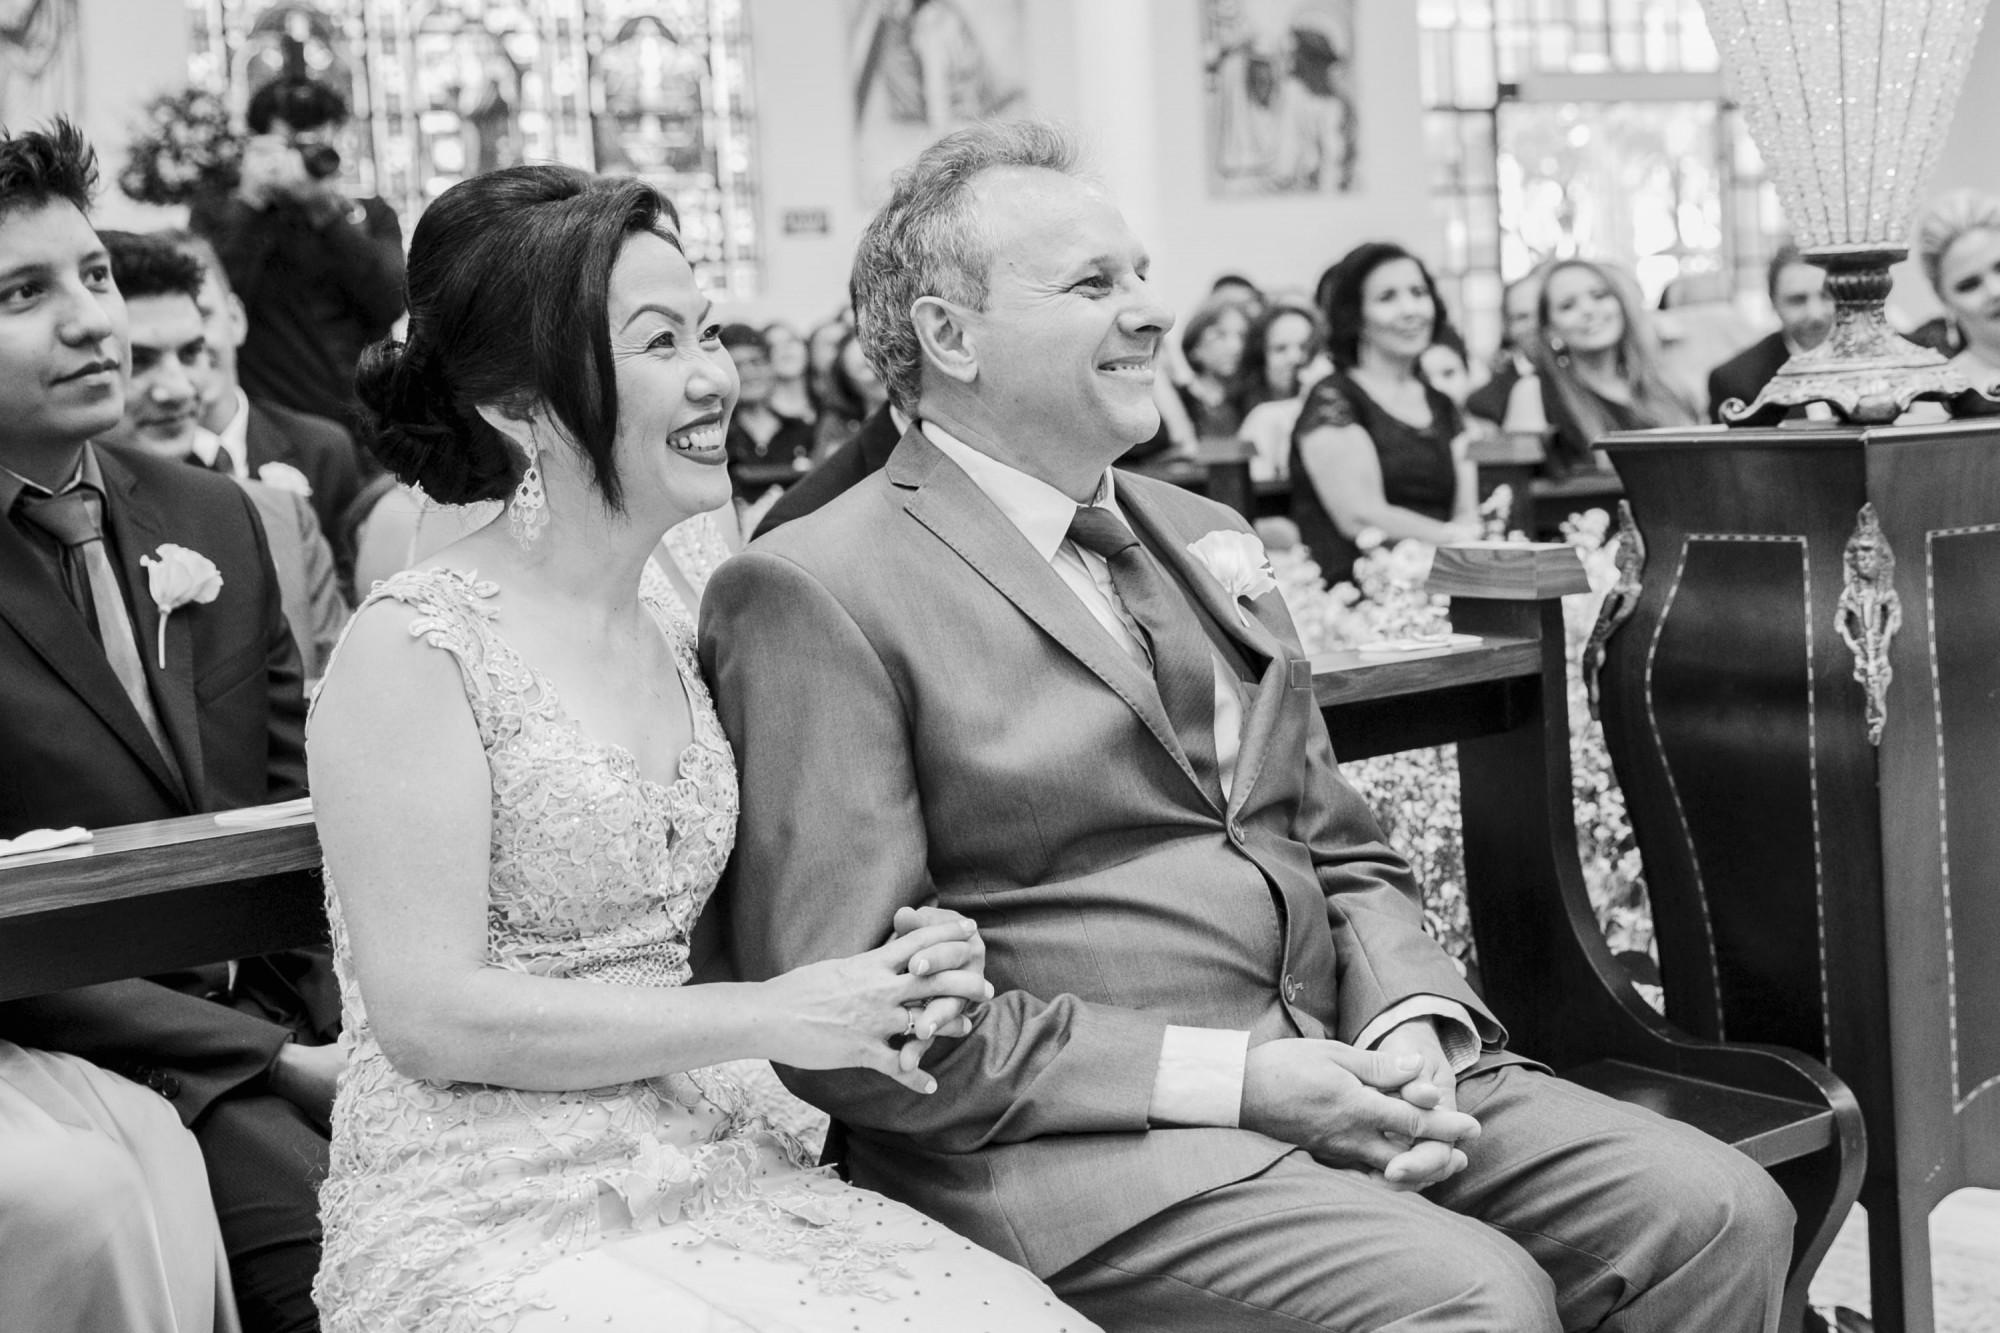 Casamento Camila Rampim e Rafael em Terra Roxa - Paraná - por Lorran Souza e Léia Sotile - fotografos de casamentos - 34